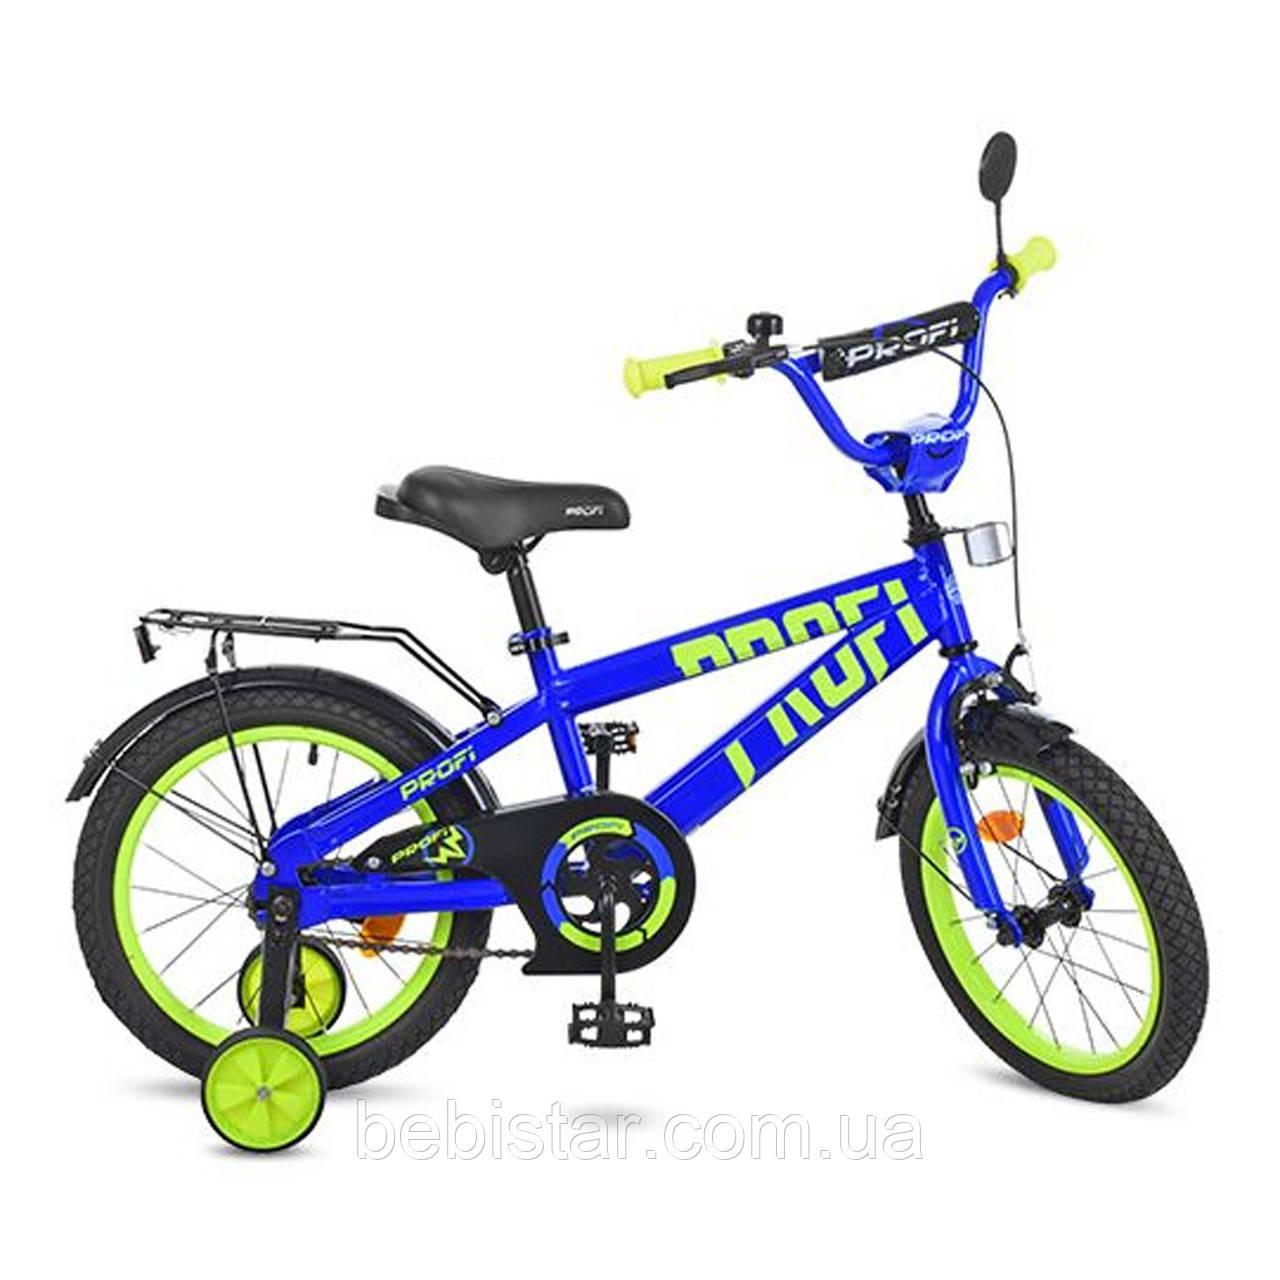 """Двухколесный велосипед  PROF1 14"""" Р140101 детям 4-5 лет цвет сине-салатовый"""